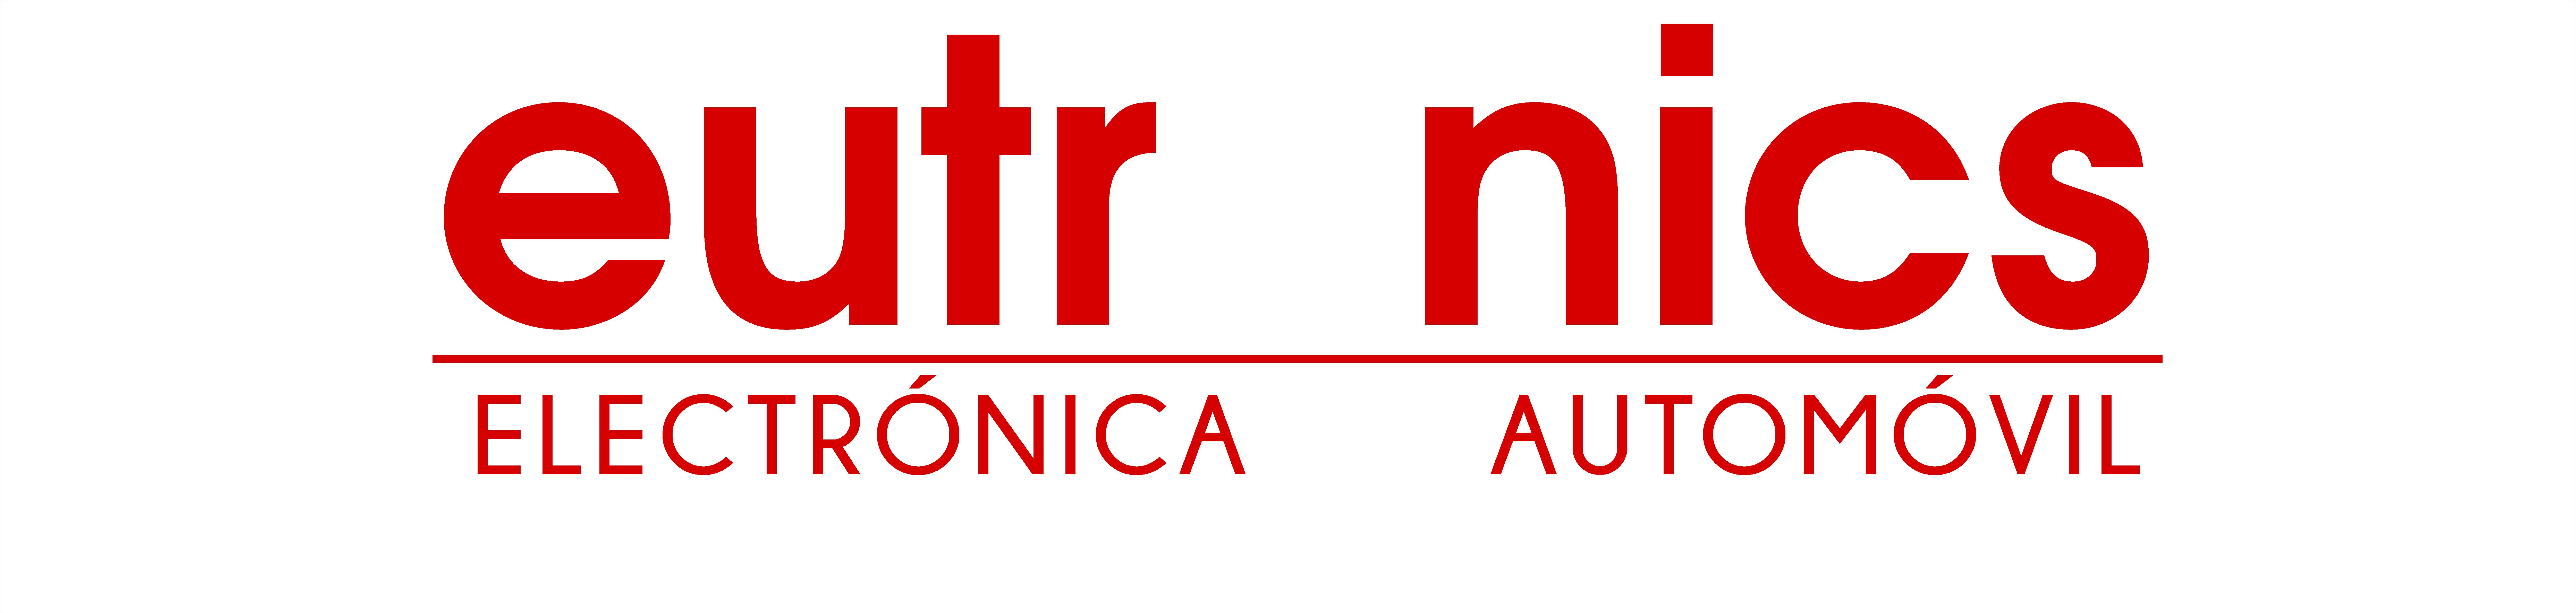 Eutronics